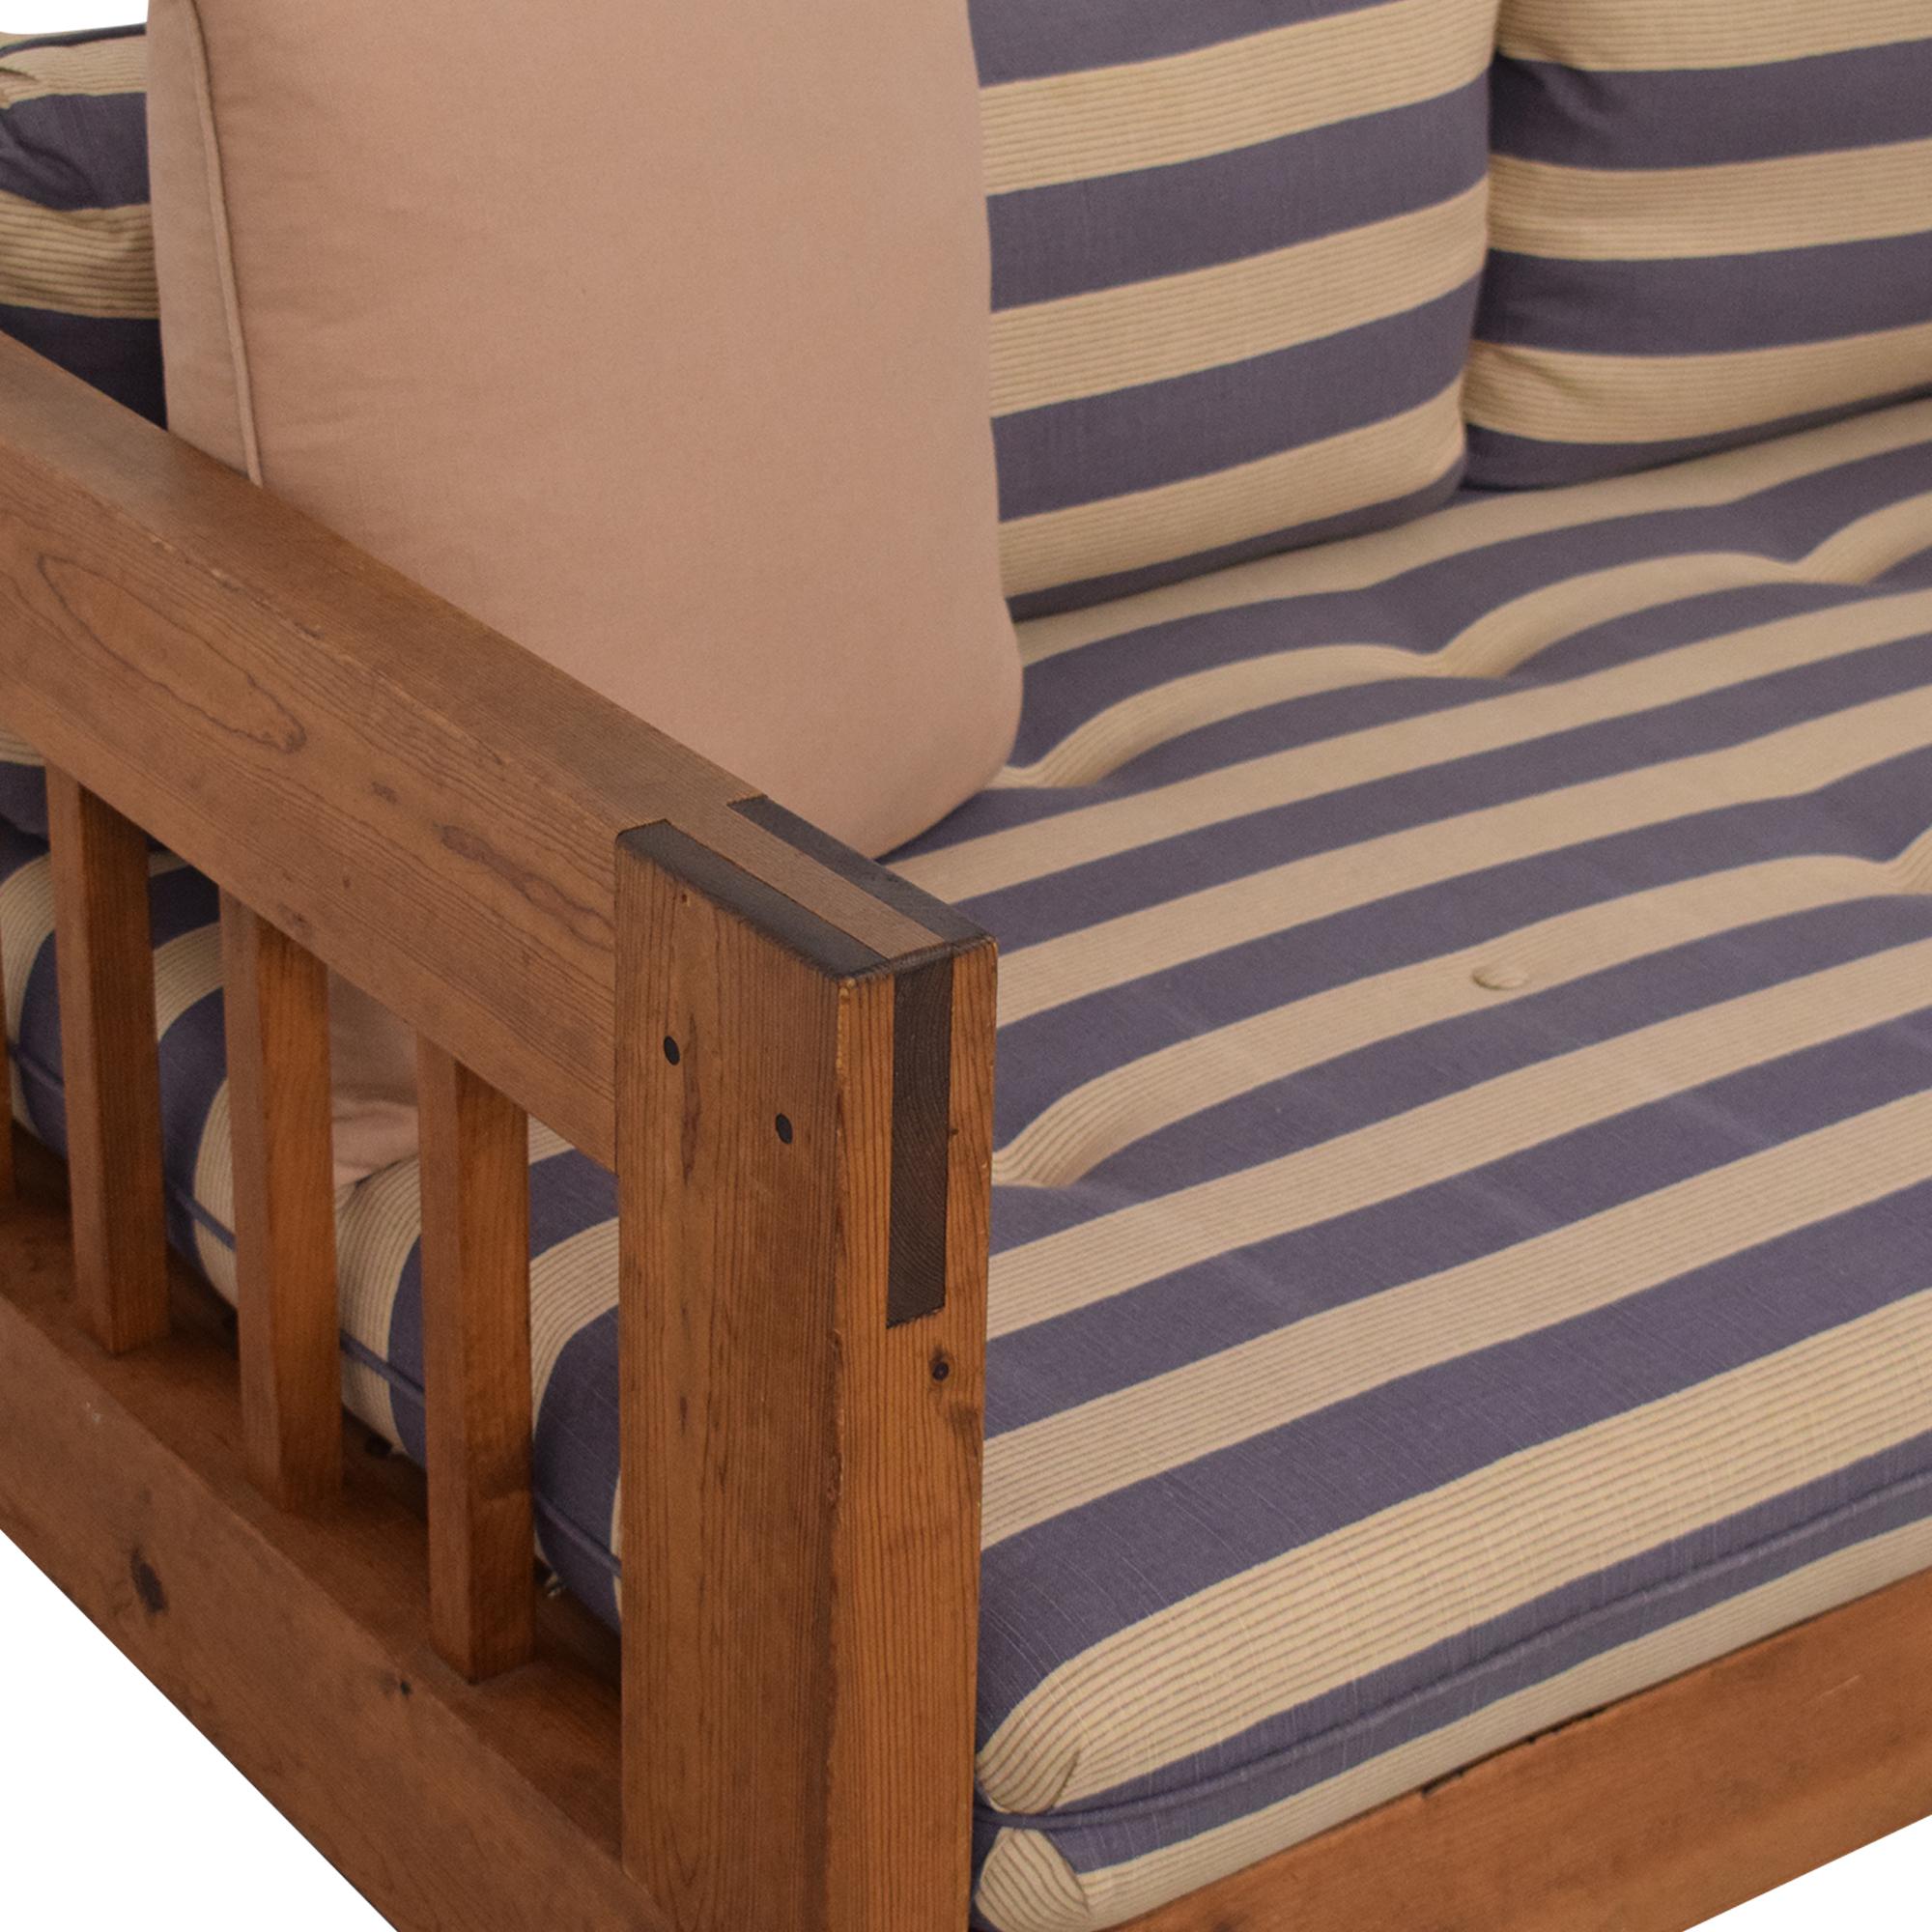 Taos Furniture Toas Furniture Galisteo Sofa for sale